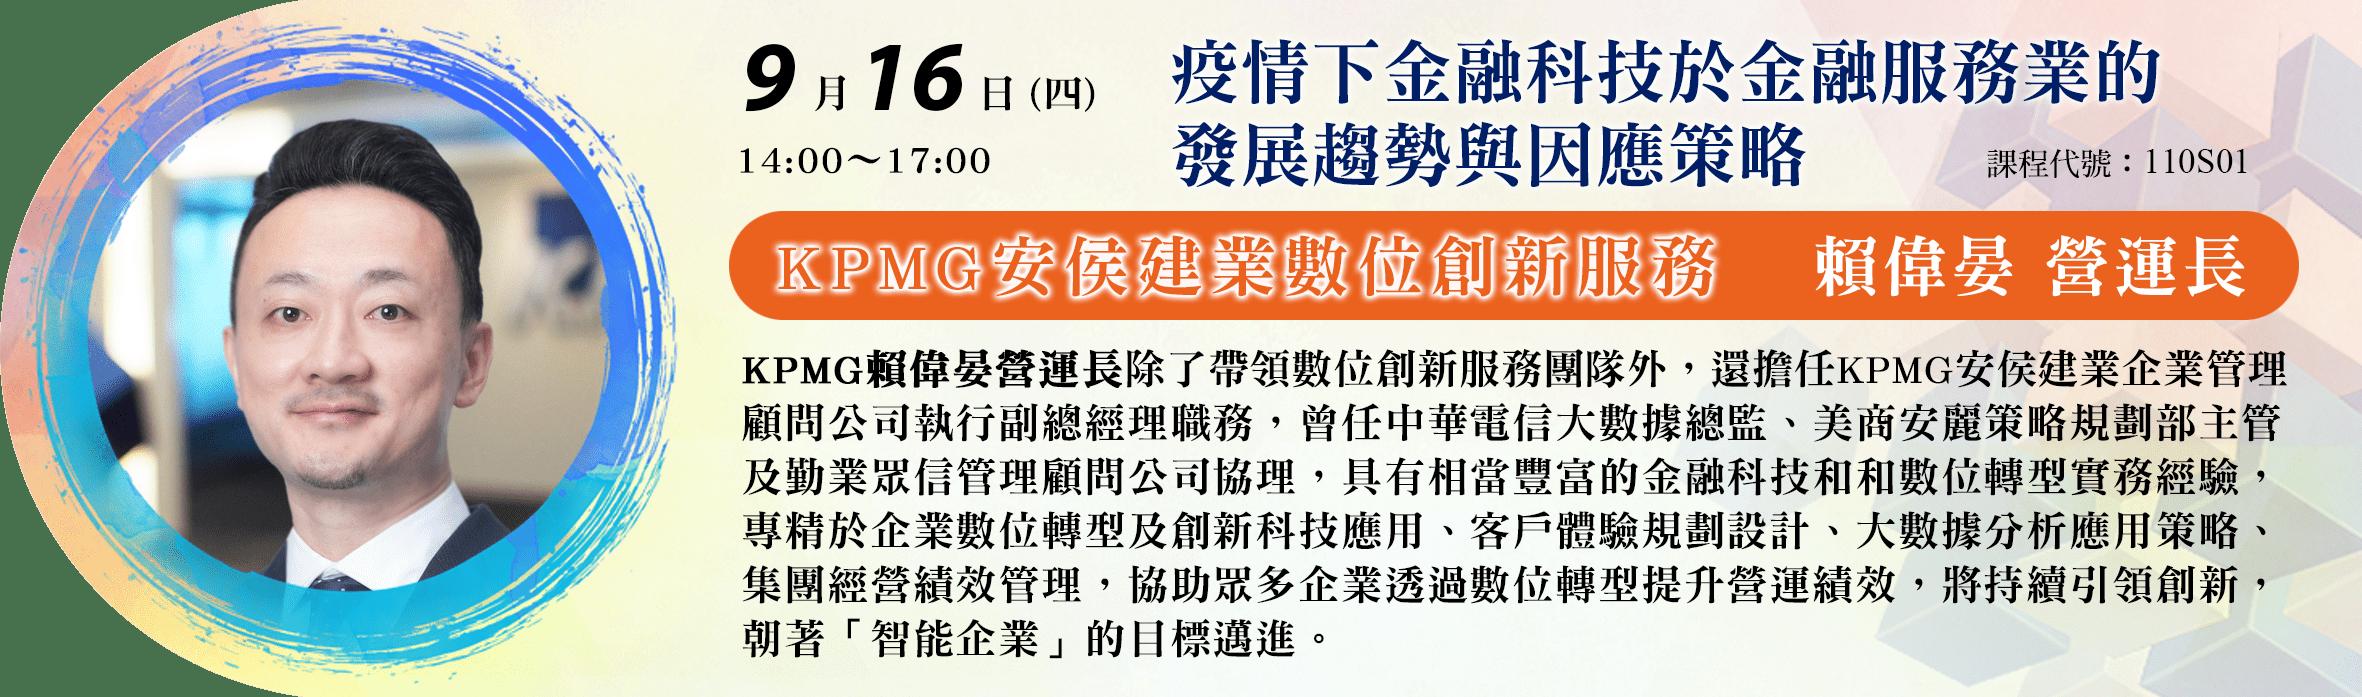 2021單元課程班(9-10月)-橫式講者介紹-0916